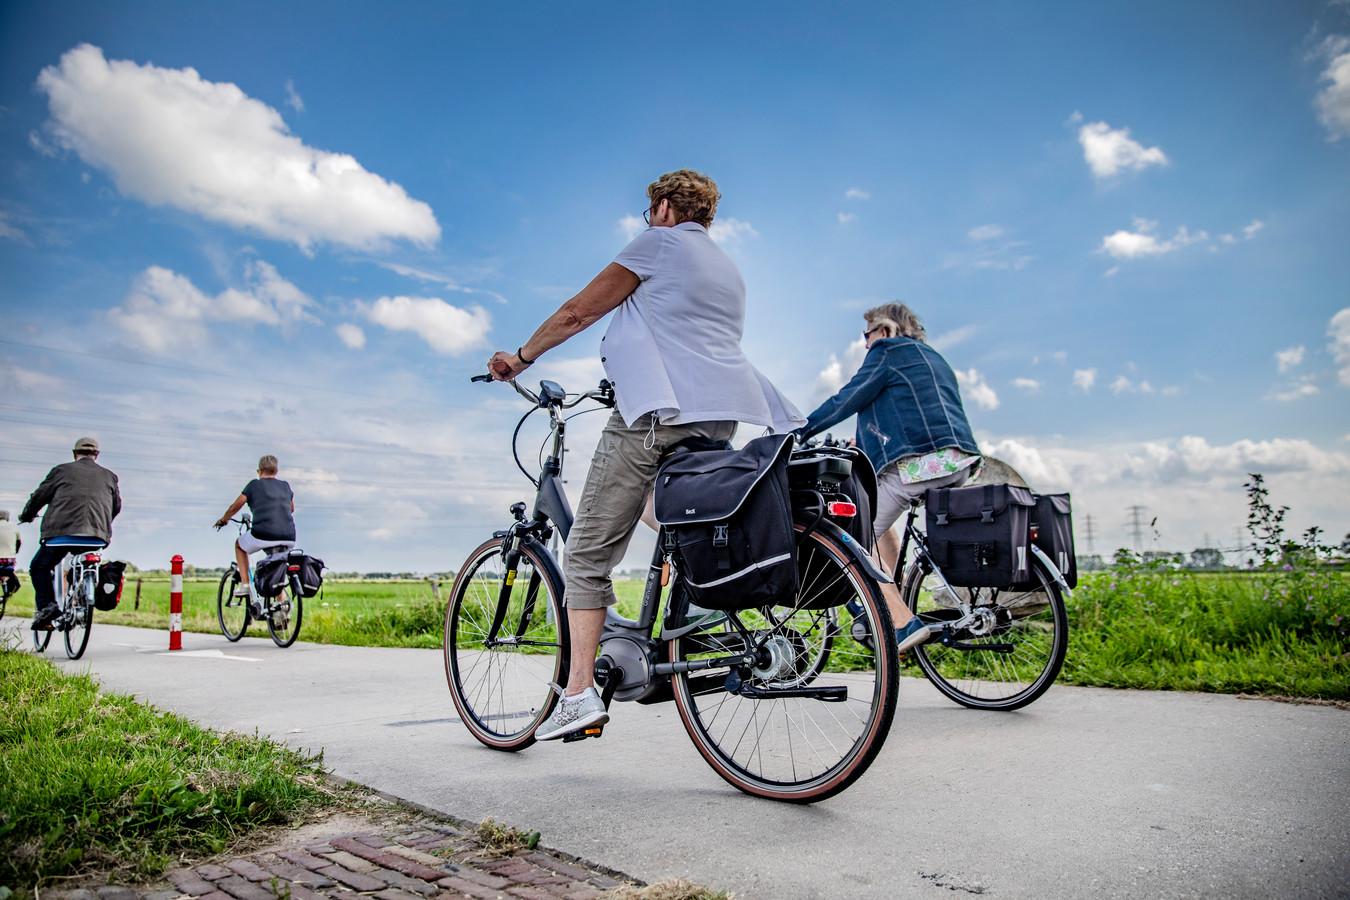 Zowel bij de werkgroep 'Samen ouder worden in Boxtel' als het college van B en W is er vertrouwen dat ouderen de komende jaren wél een serieuze plek krijgen in het lokale beleid.